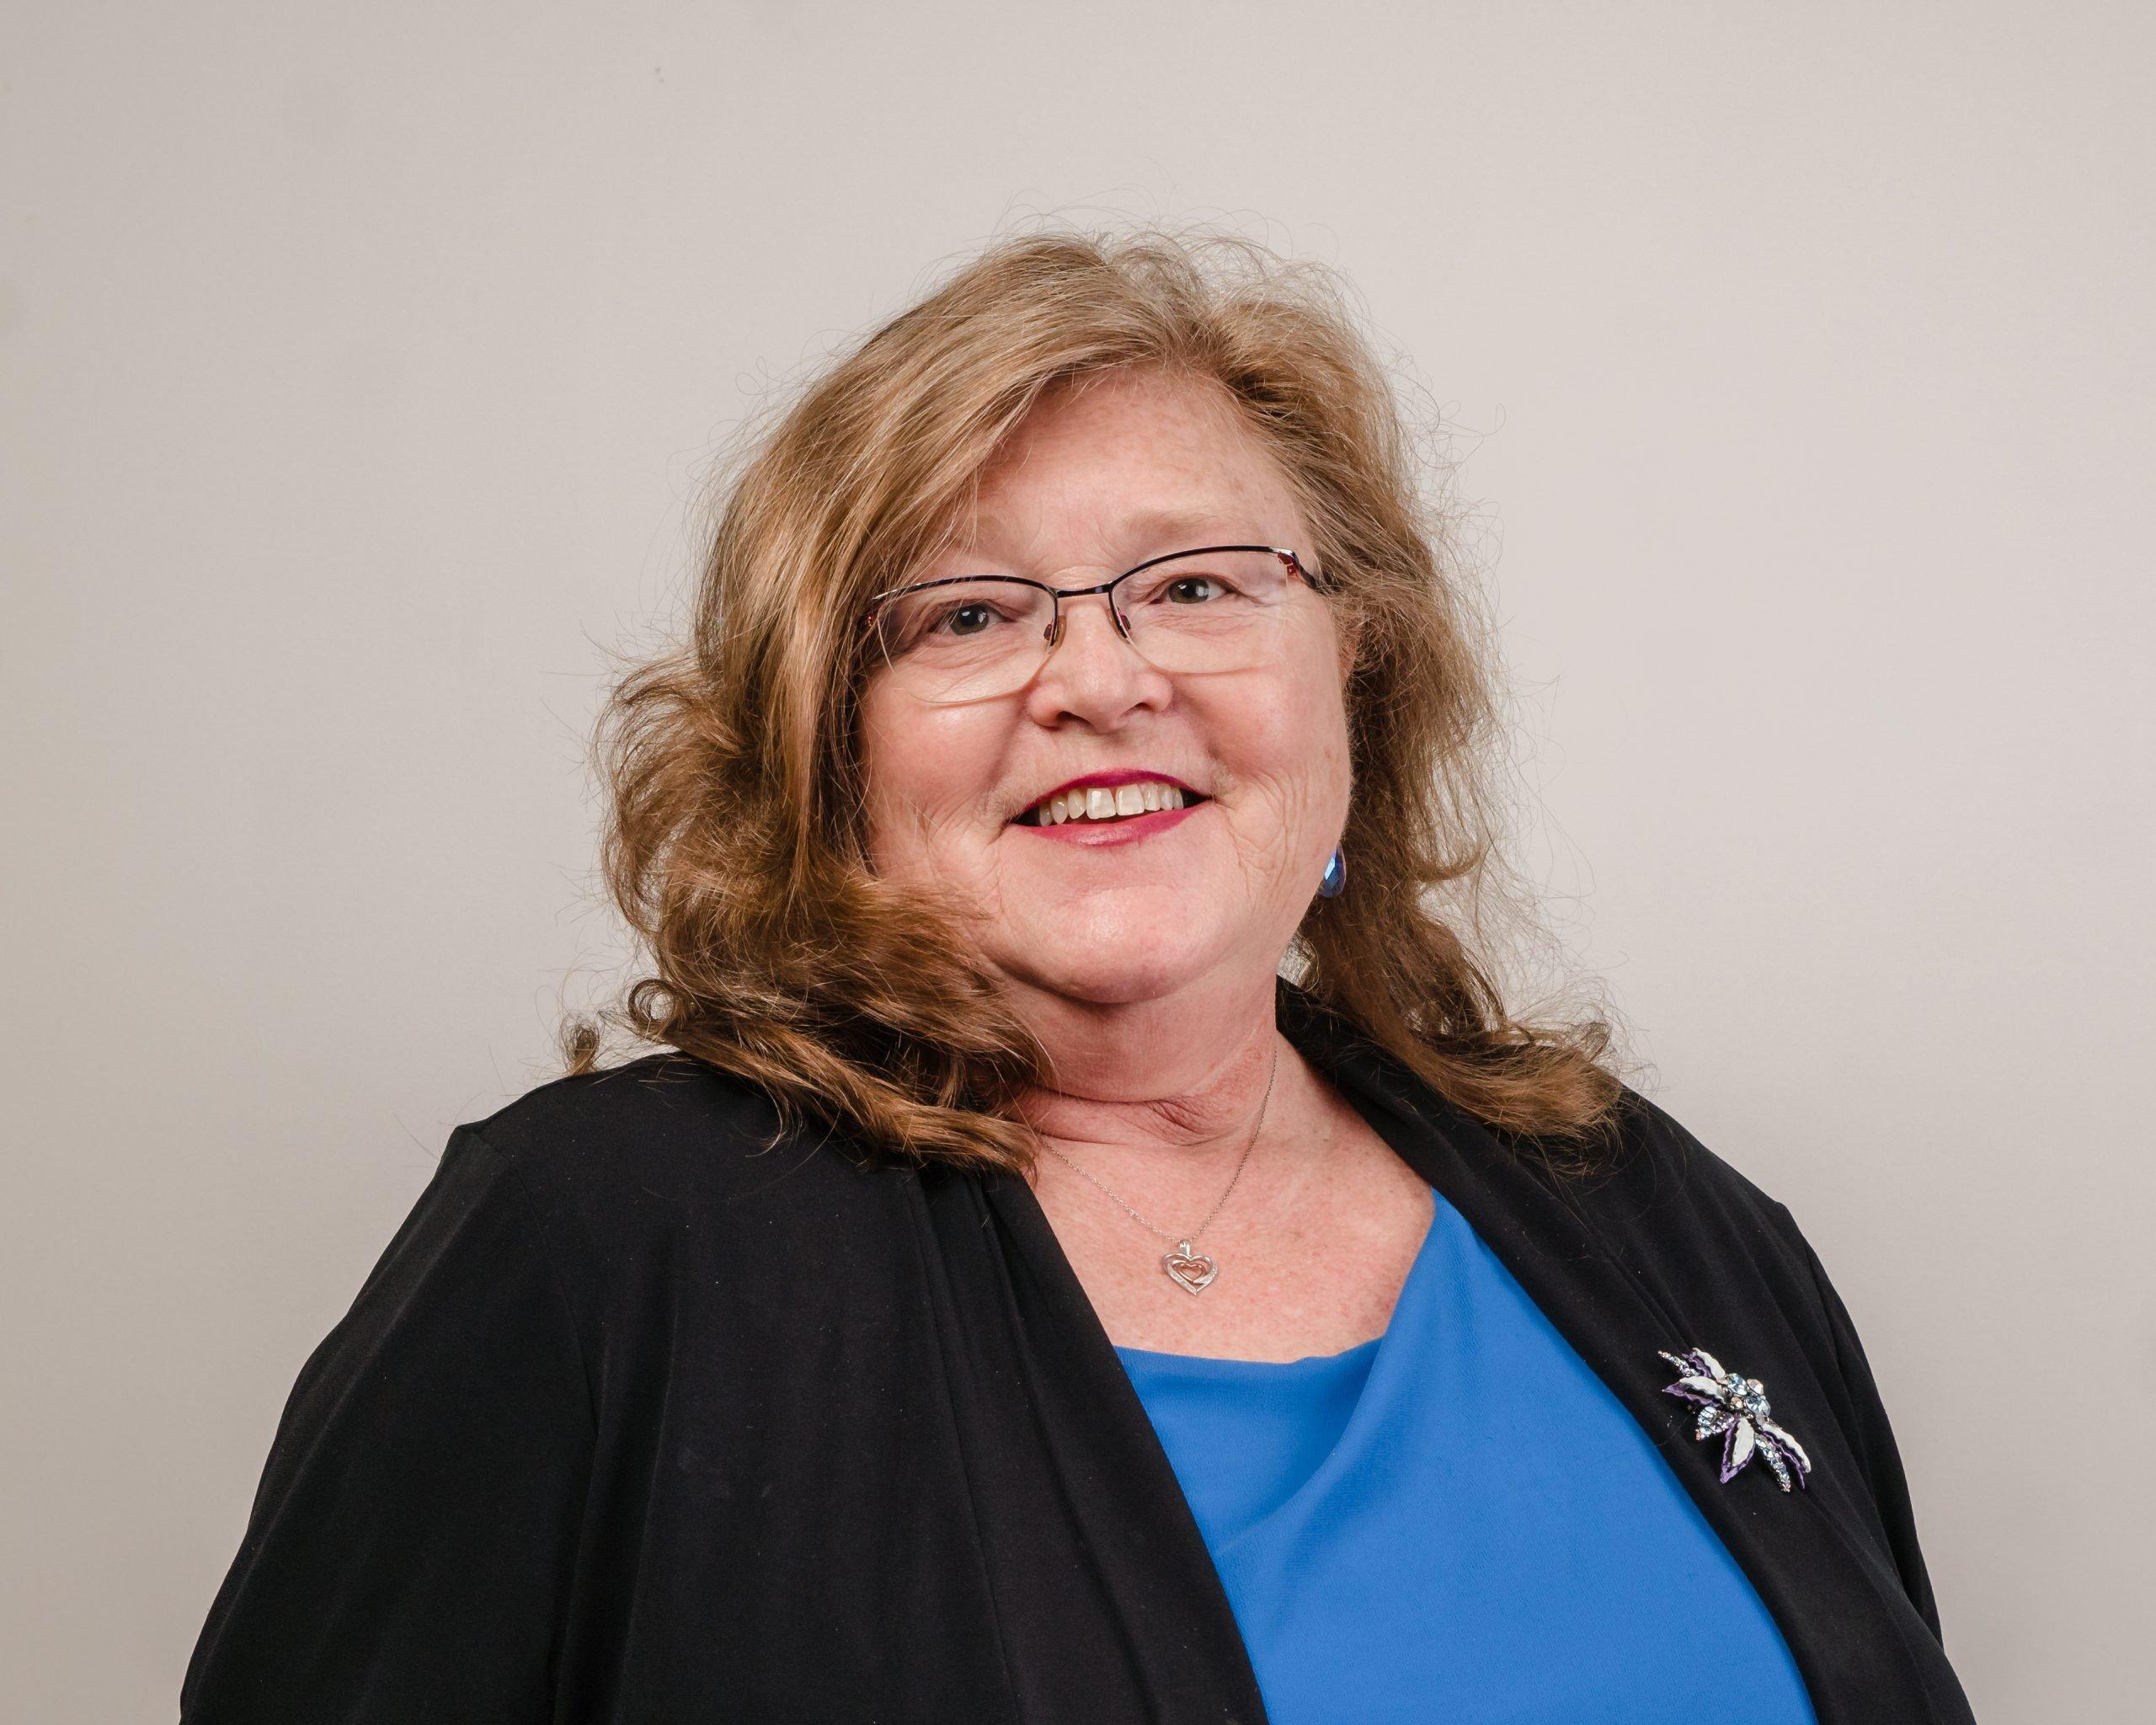 Janice Casler